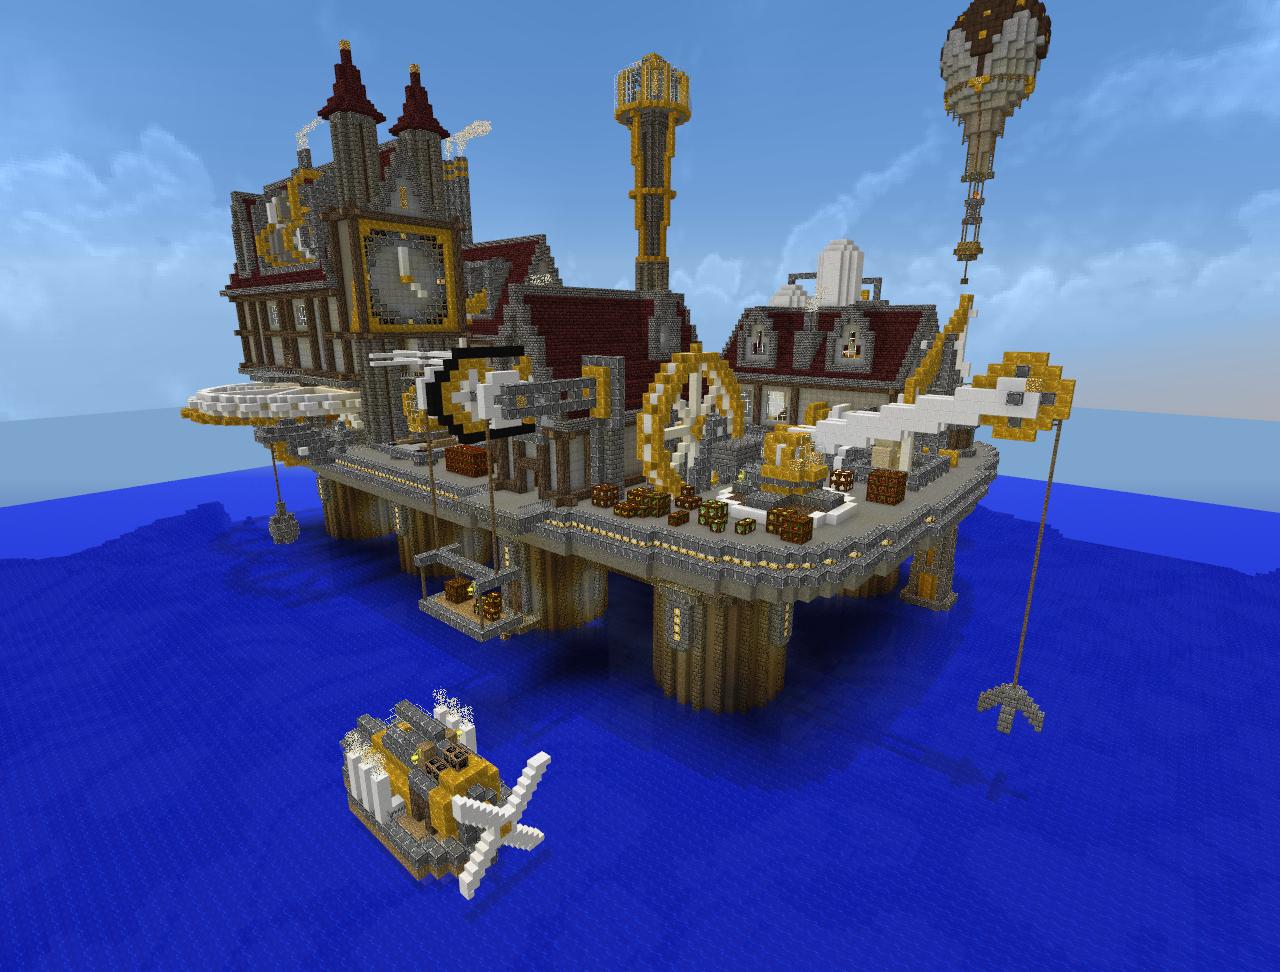 Minecraft - Steampunk City by Virenth on DeviantArt